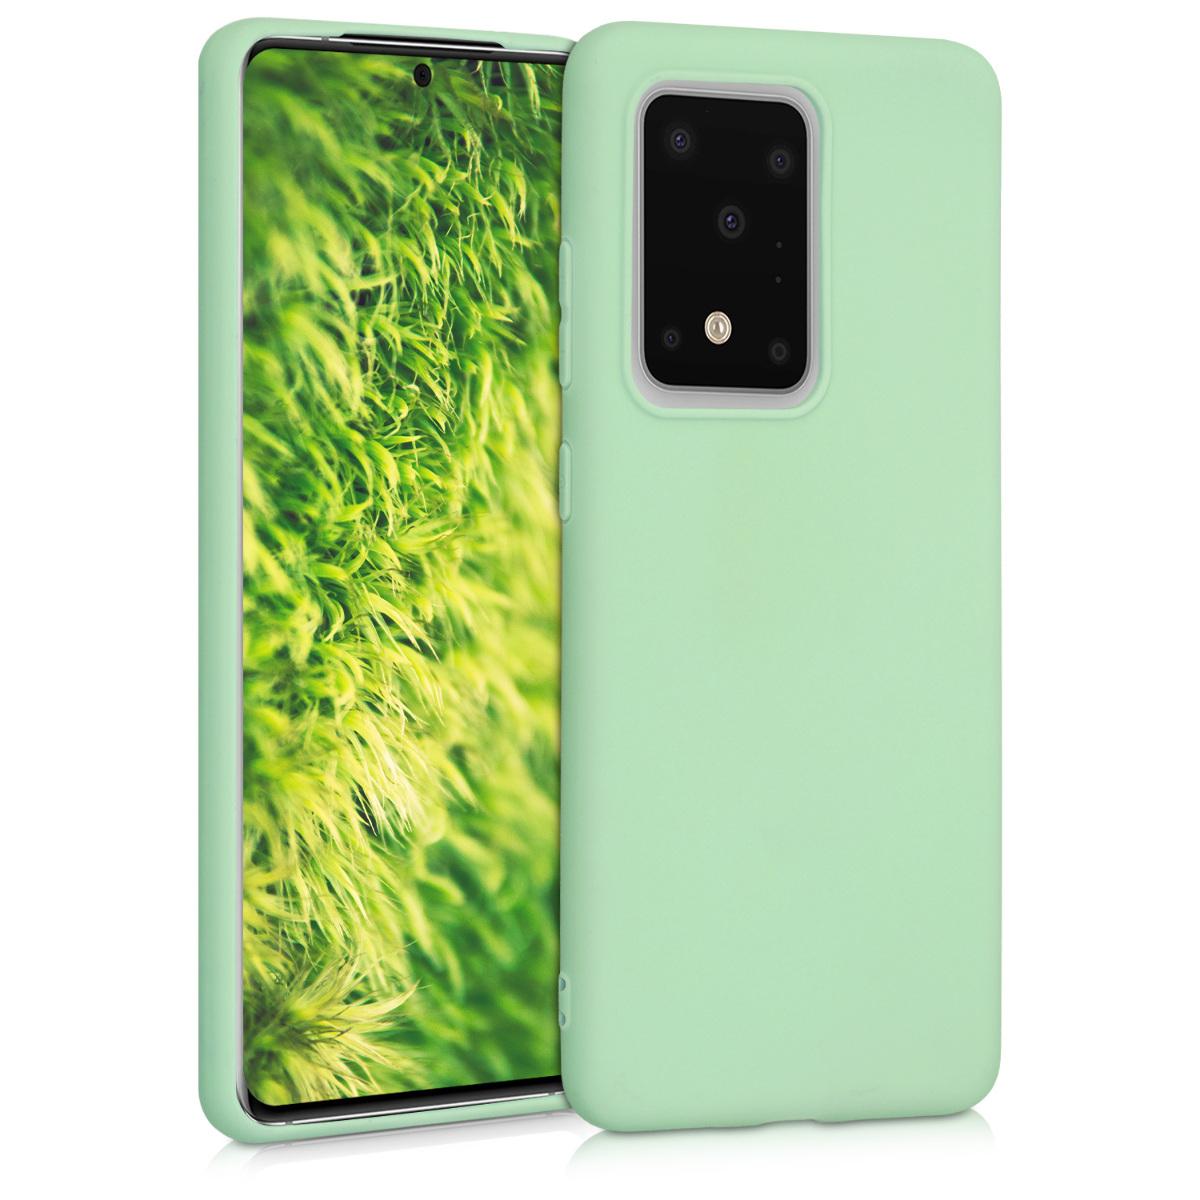 KW Θήκη Σιλικόνης Samsung Galaxy S20 Ultra - Mint Matte (51225.50)